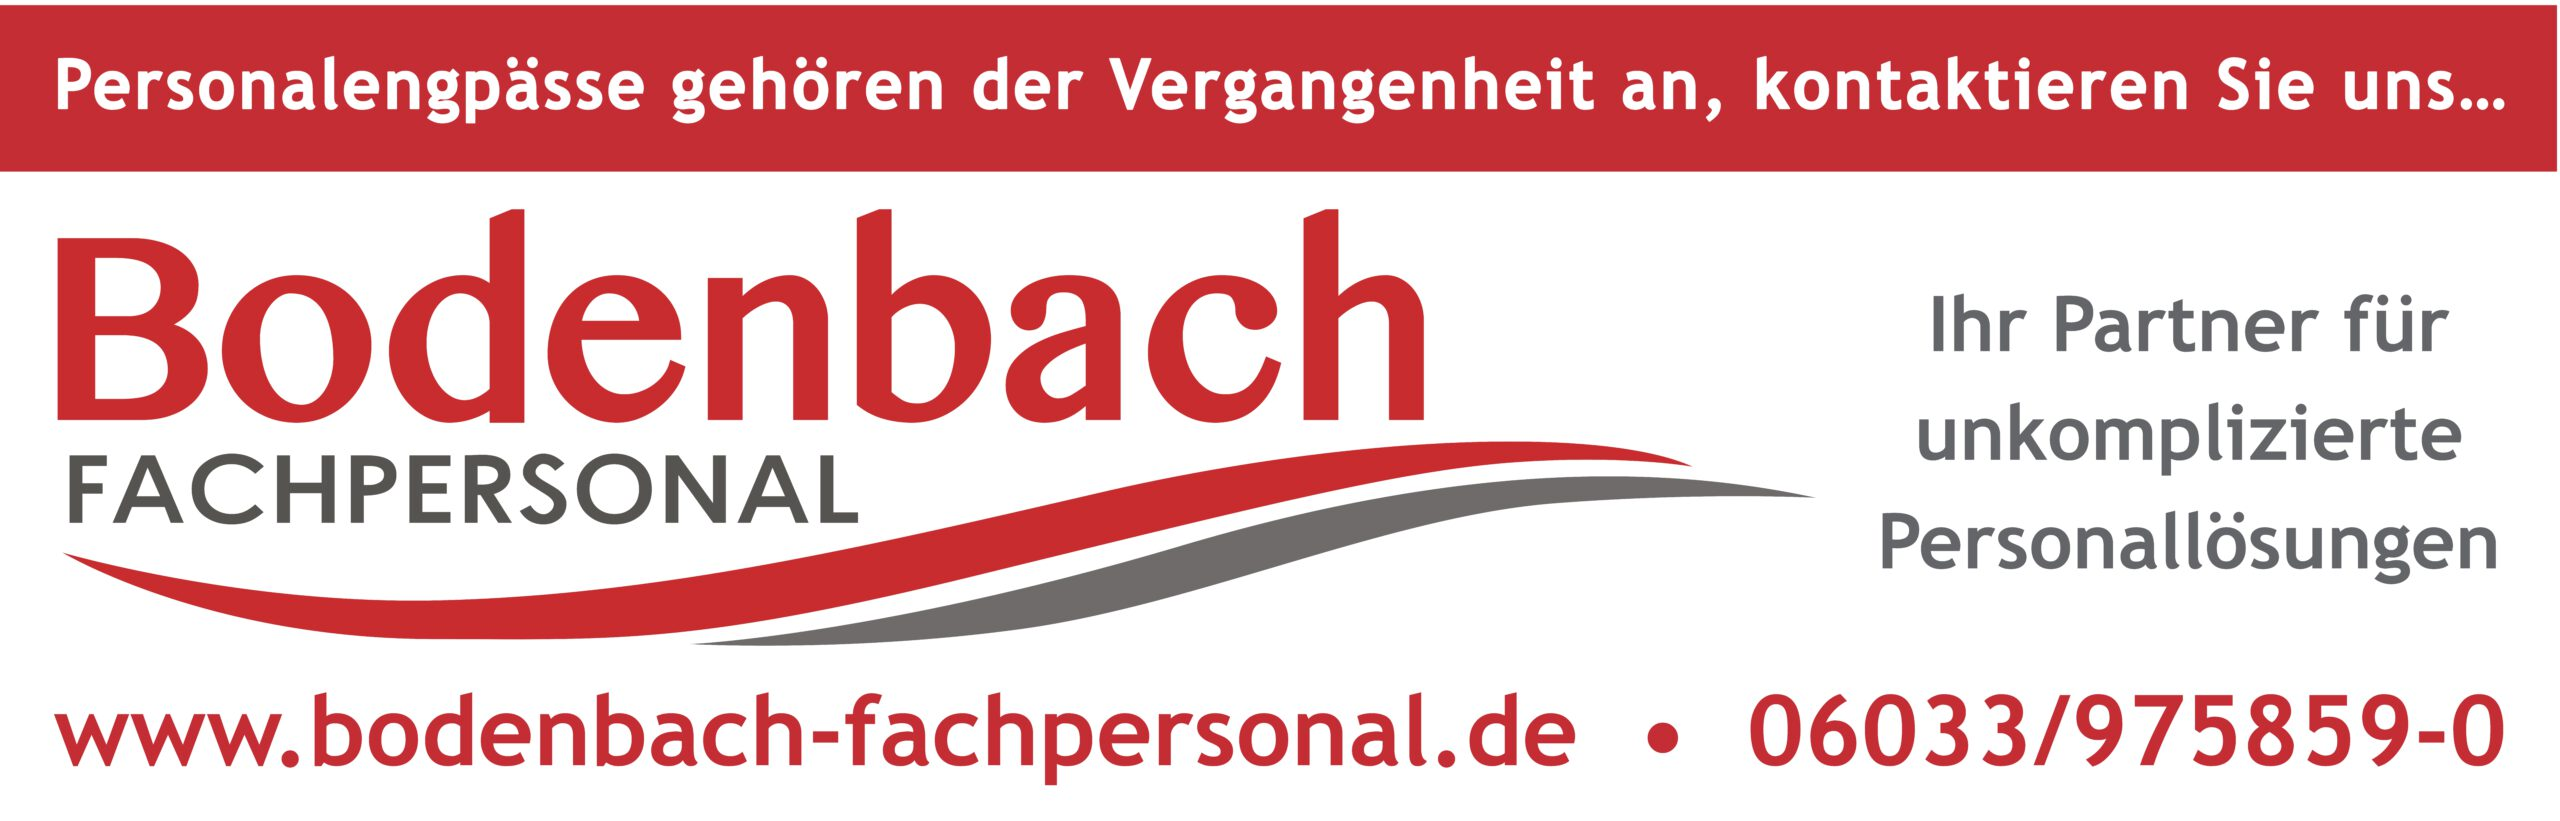 Bodenbach Fachpersonal